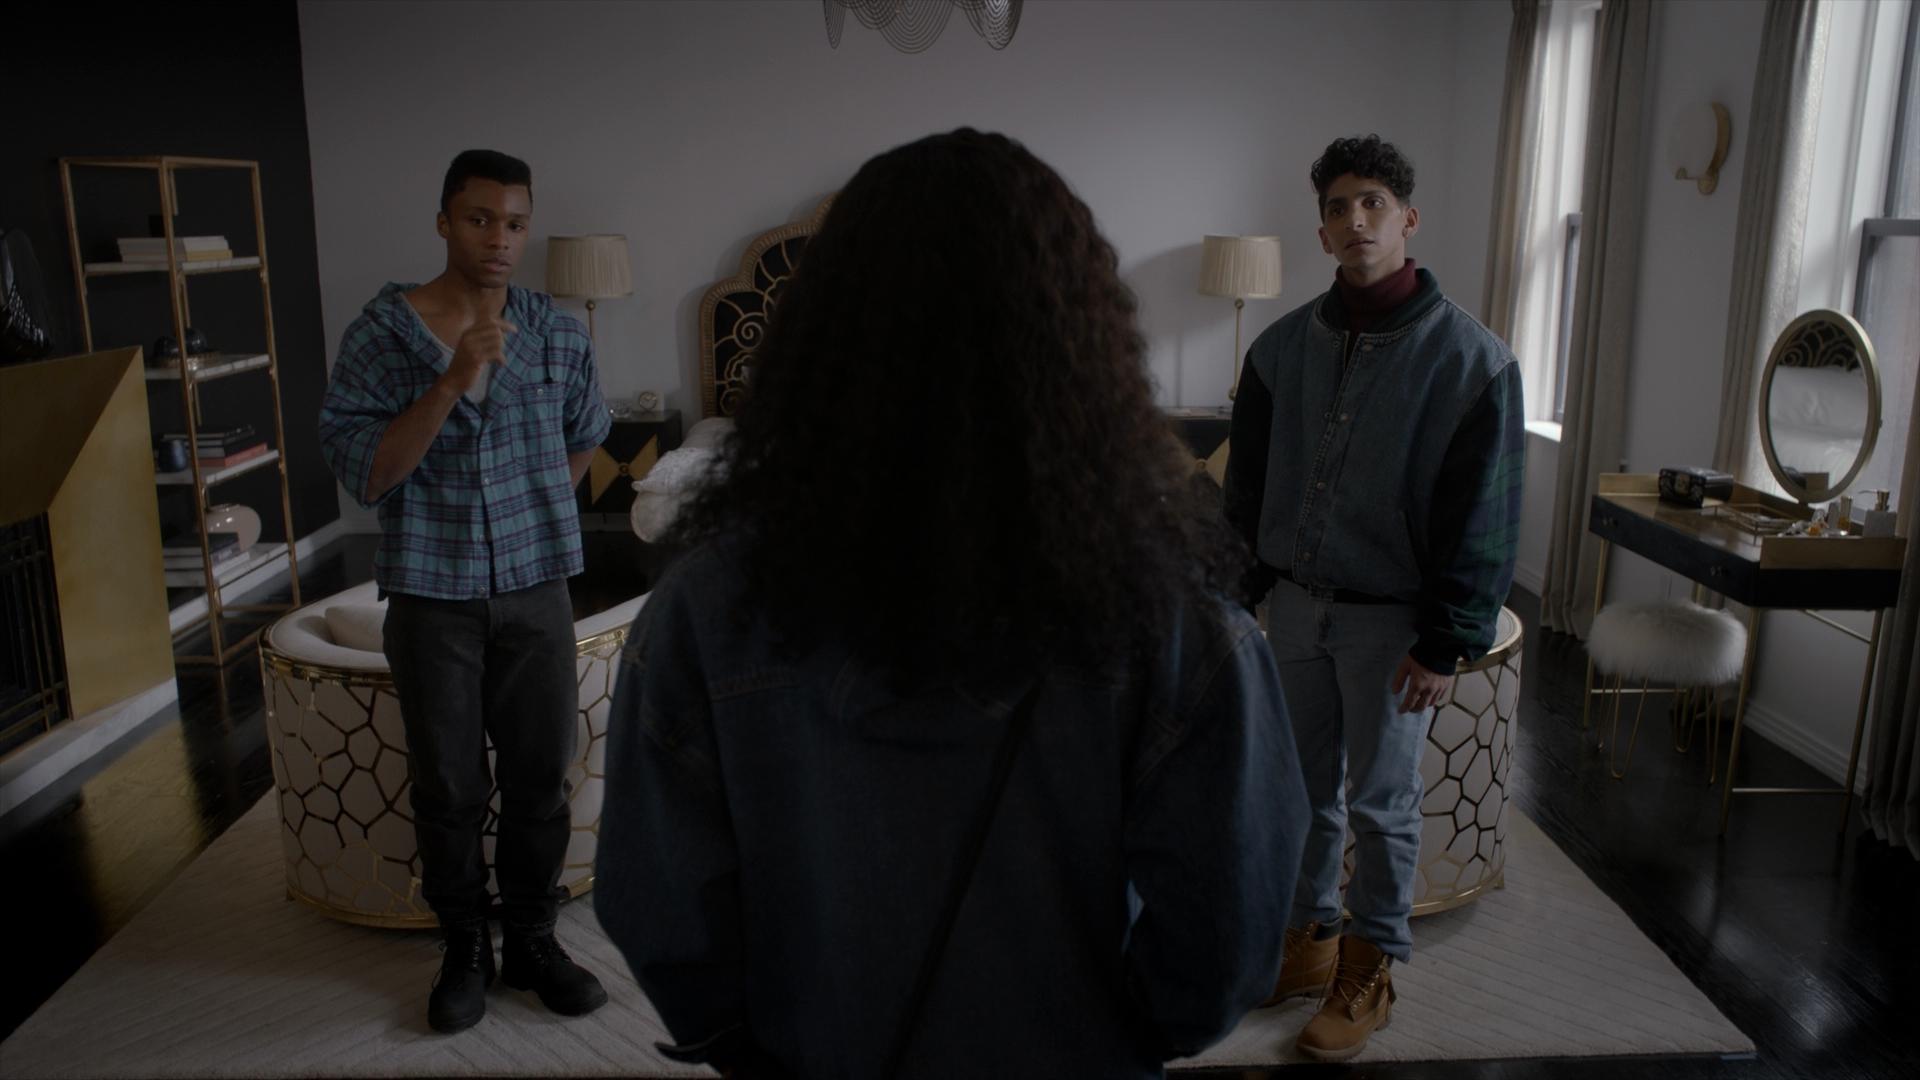 Pose Temporada 3 (2021) 1080p WEB-DL Latino